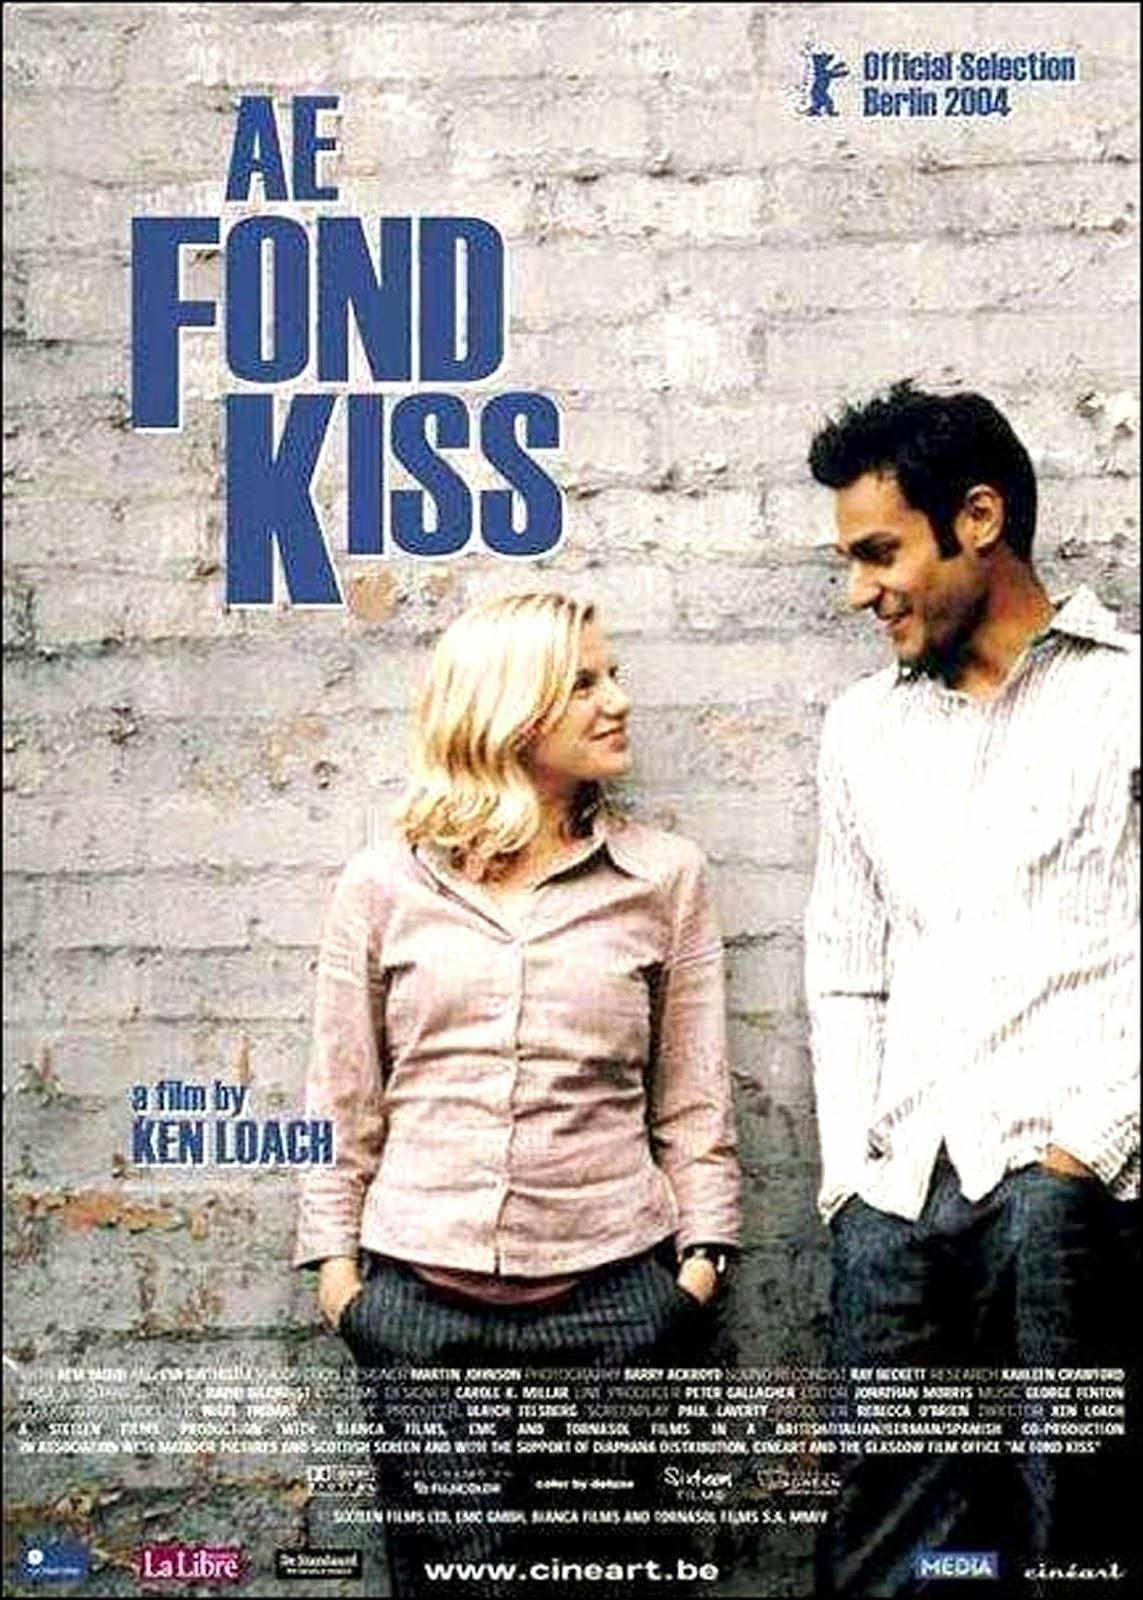 Sólo un beso (2004) Drama